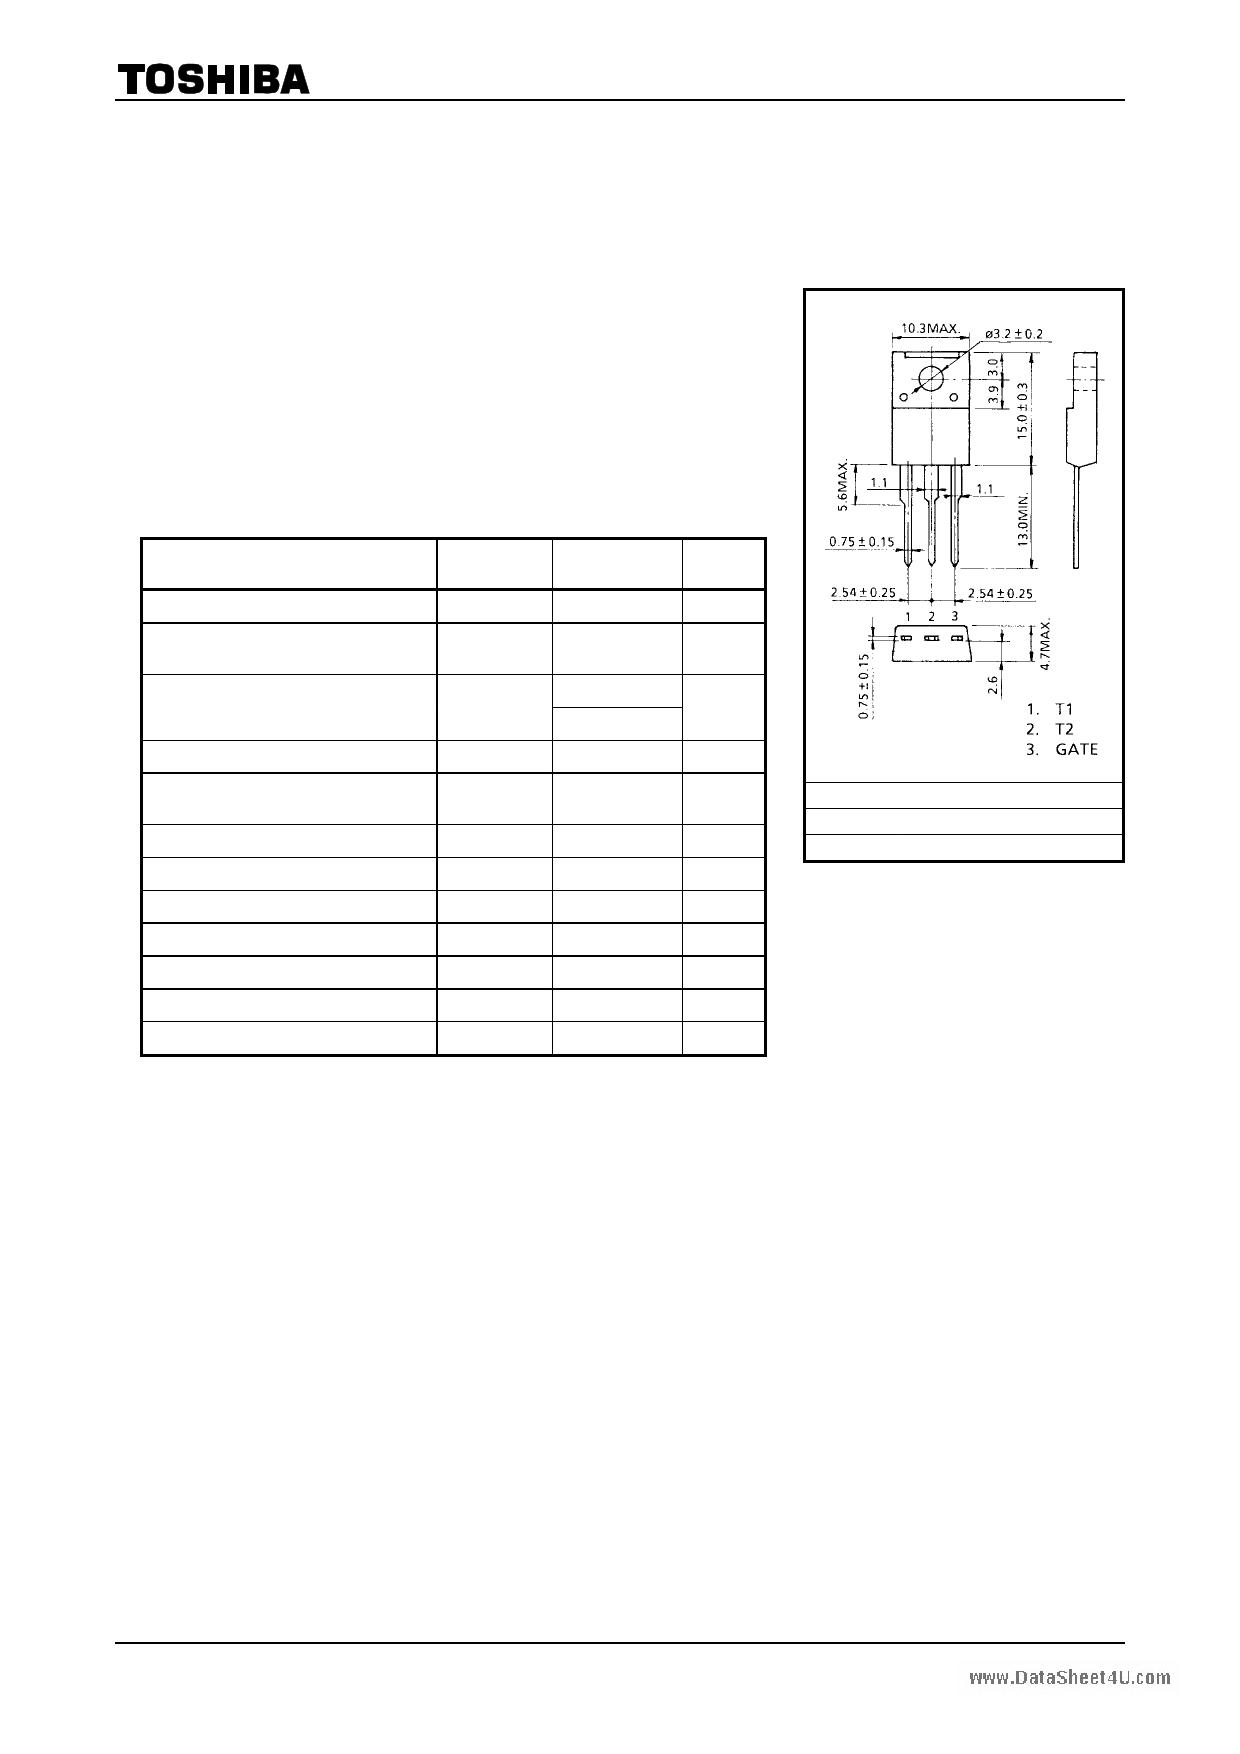 M2LZ47 datasheet image